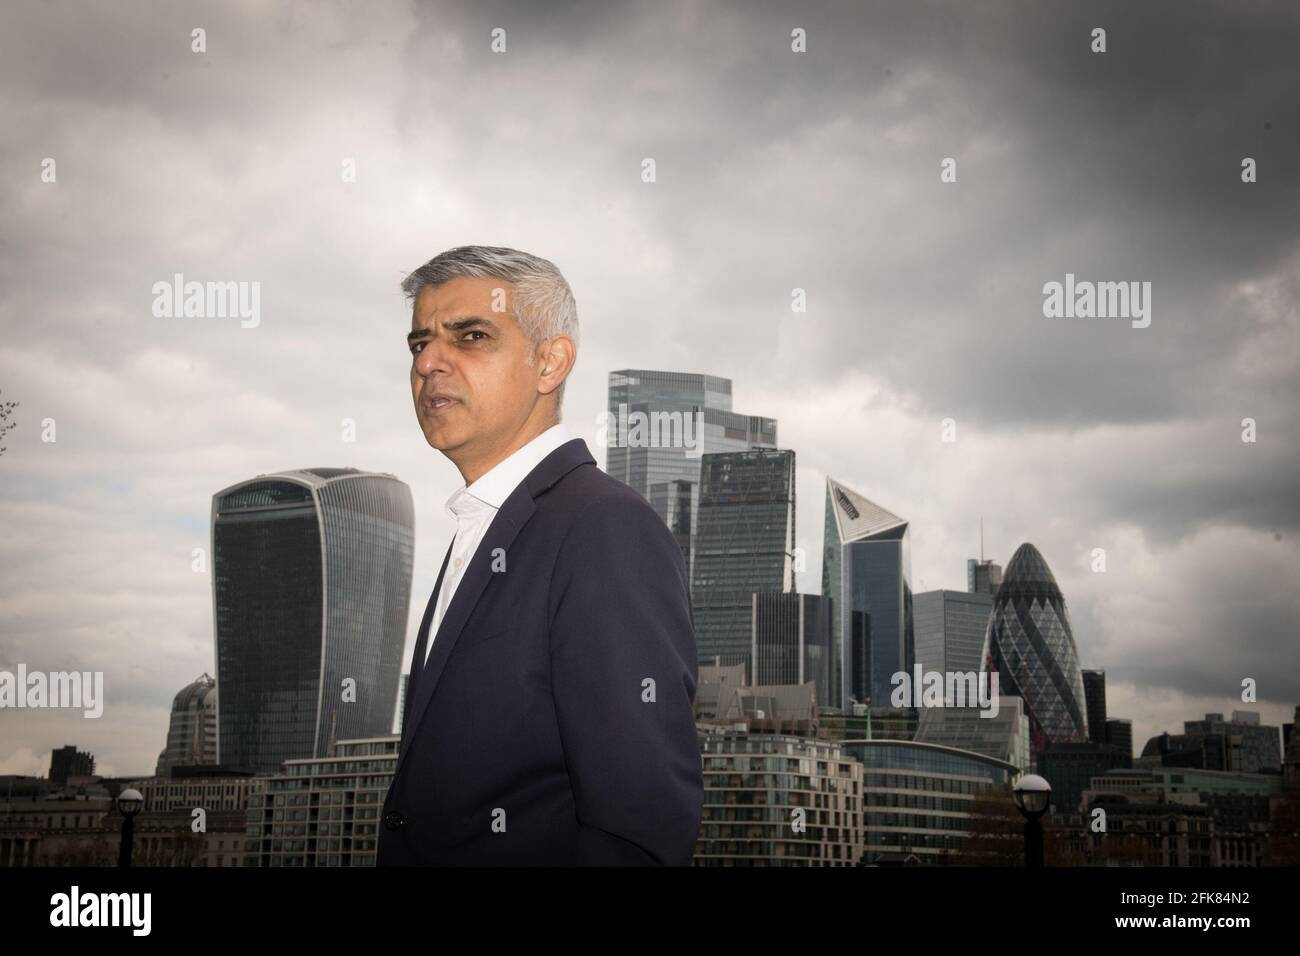 Der Bürgermeister von London, Sadiq Khan, in der Nähe des Londoner Rathauses, forderte die Londoner auf, ihm ein festes Mandat zu erteilen, um für erschwinglichere Mieten in der Hauptstadt zu drängen. Bilddatum: Donnerstag, 29. April 2021. Stockfoto